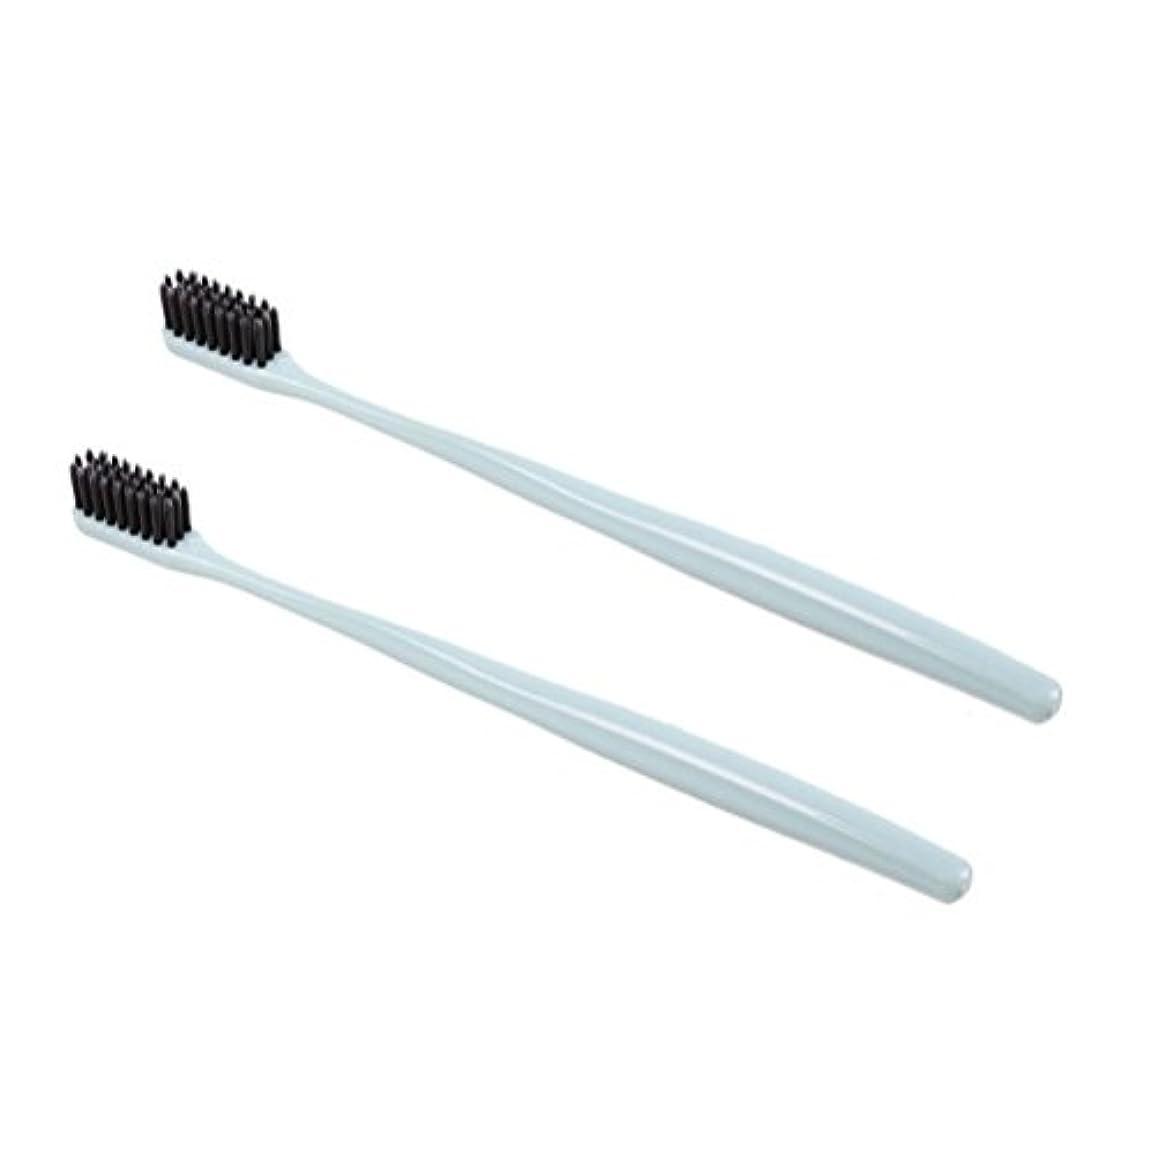 TOPBATHY 子供と大人のための2本の柔らかい歯ブラシ天然竹炭歯ブラシ小さなヘッド歯ブラシ(グリーン)